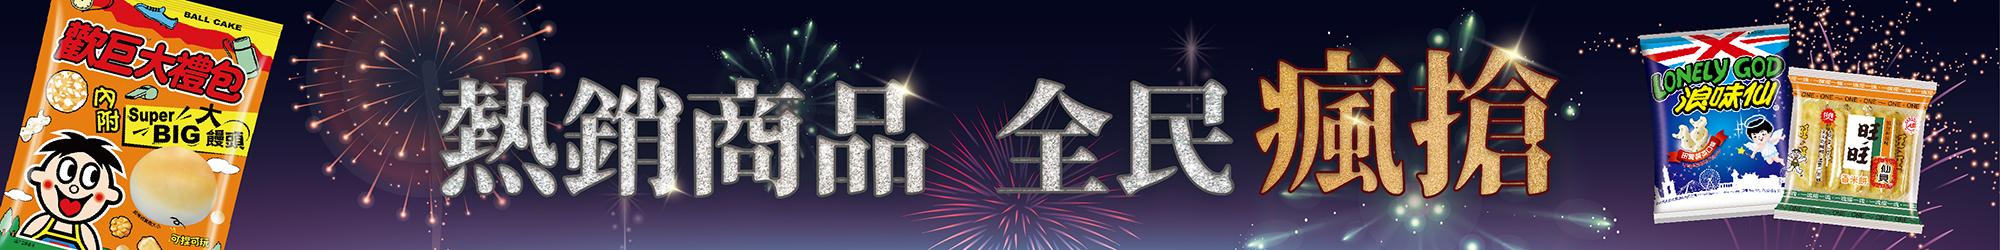 旺旺官網,旺旺,旺旺旗艦店,旺旺官方旗艦店,旺旺仙貝,拜拜,拜拜零食,雙11,光棍節,新年,新年送禮,萬聖節,聖誕節